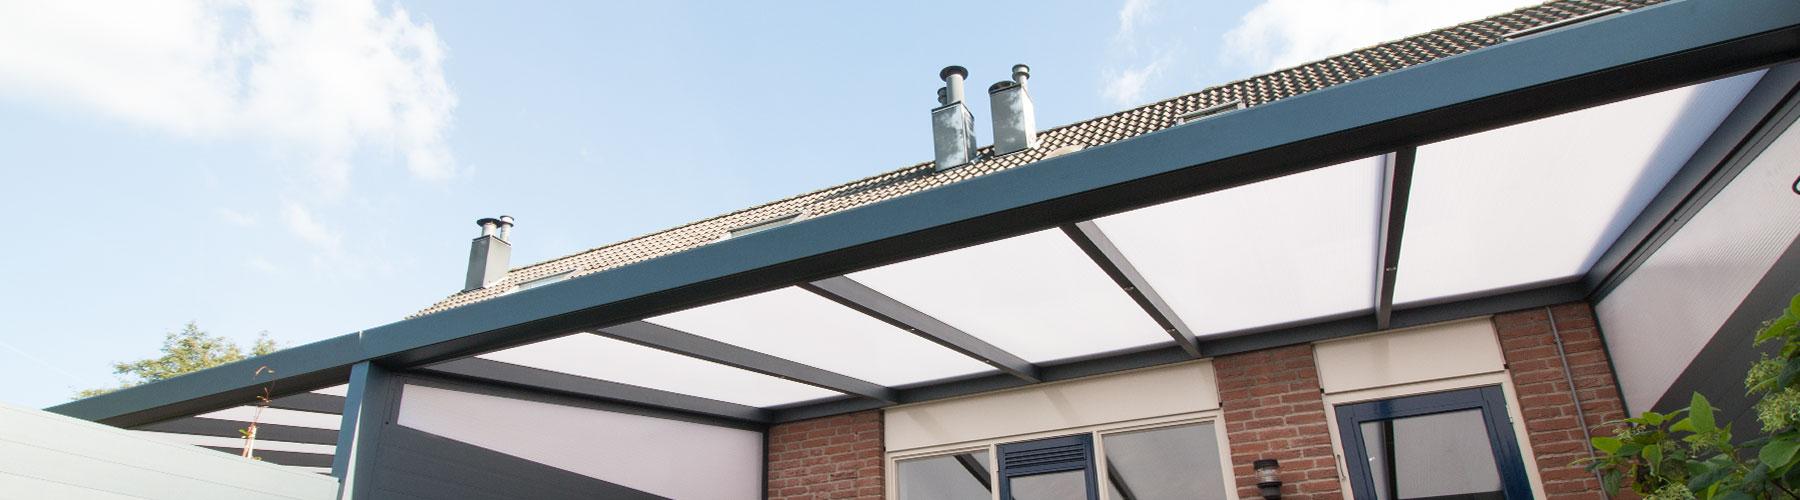 verasol-veranda-met-polycarbonaat-dak.1800x500x1